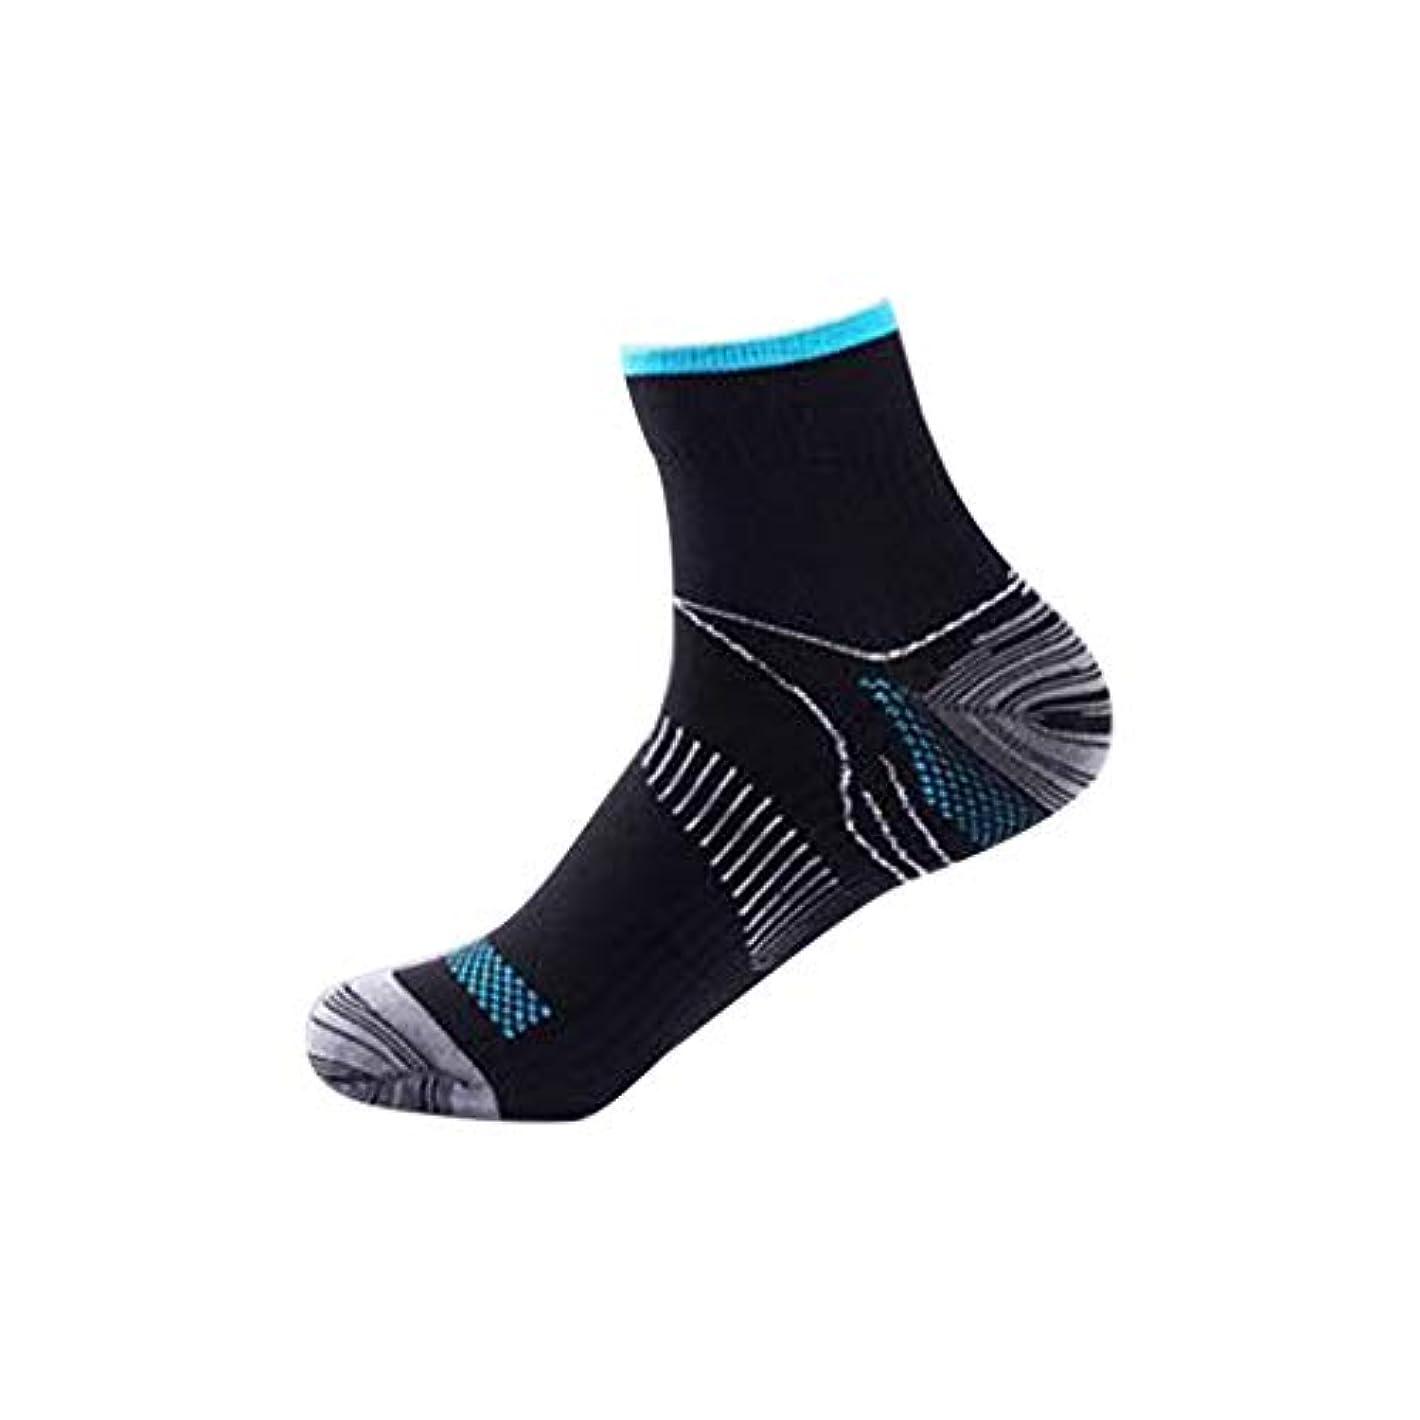 行政速記輝く快適な男性の女性の膝の靴下のサポートストレッチ通気性の靴下の下の短いストレッチ圧縮の靴下